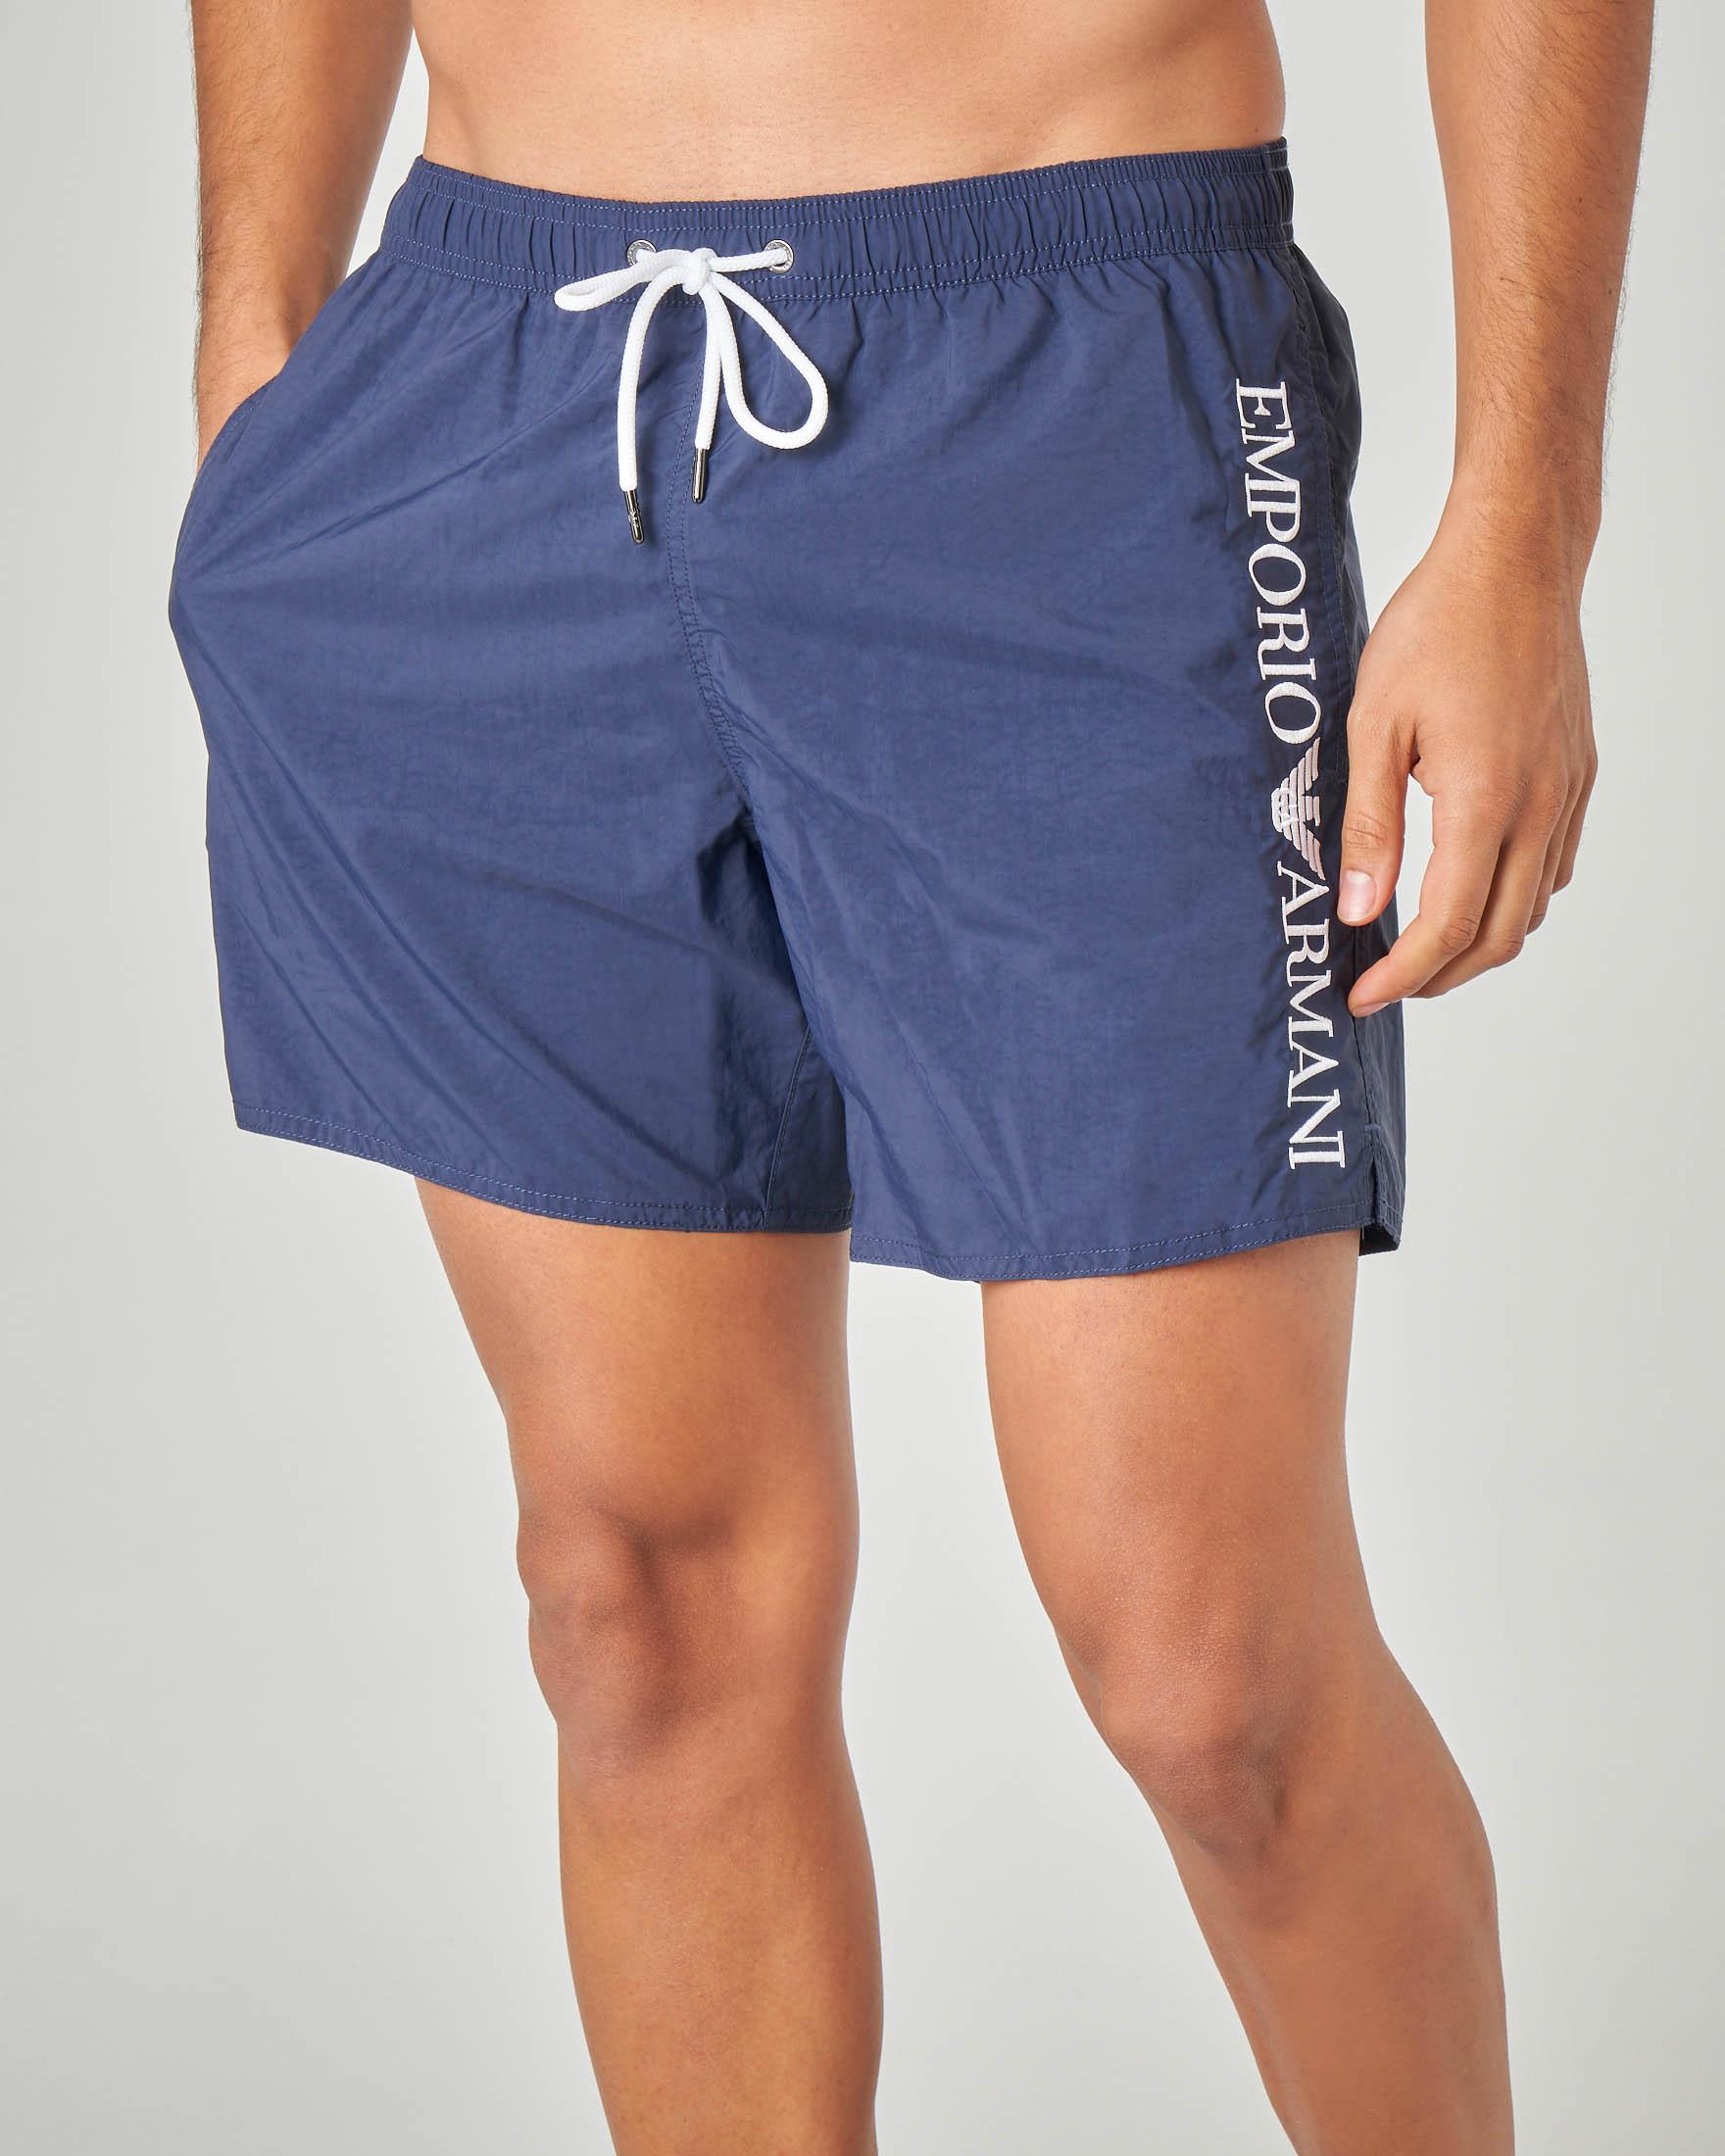 Costume boxer blu con logo ricamato in verticale